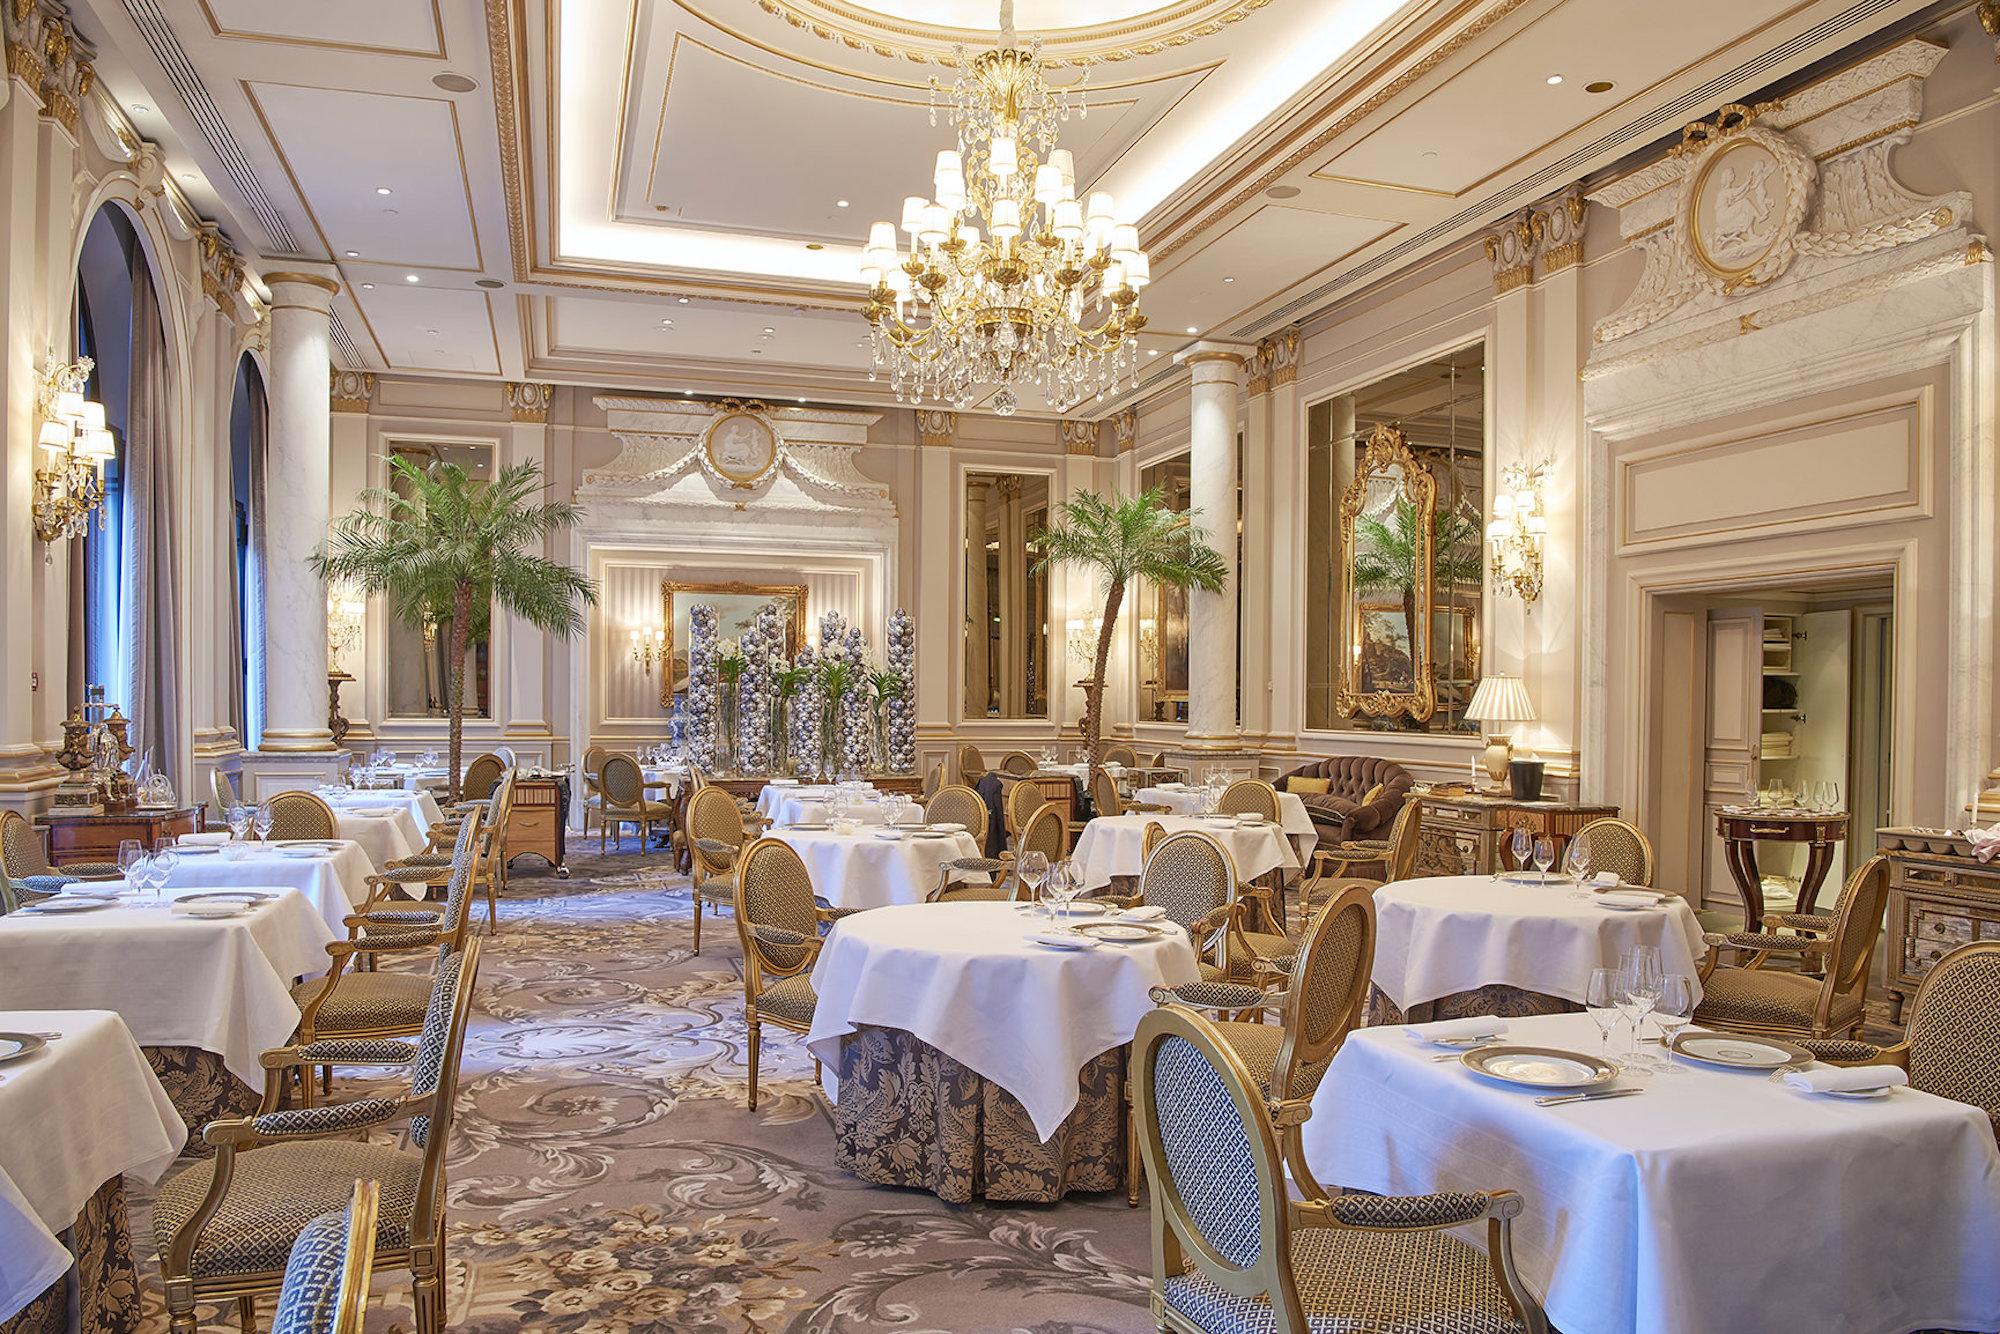 Restaurant Le Cinq interior